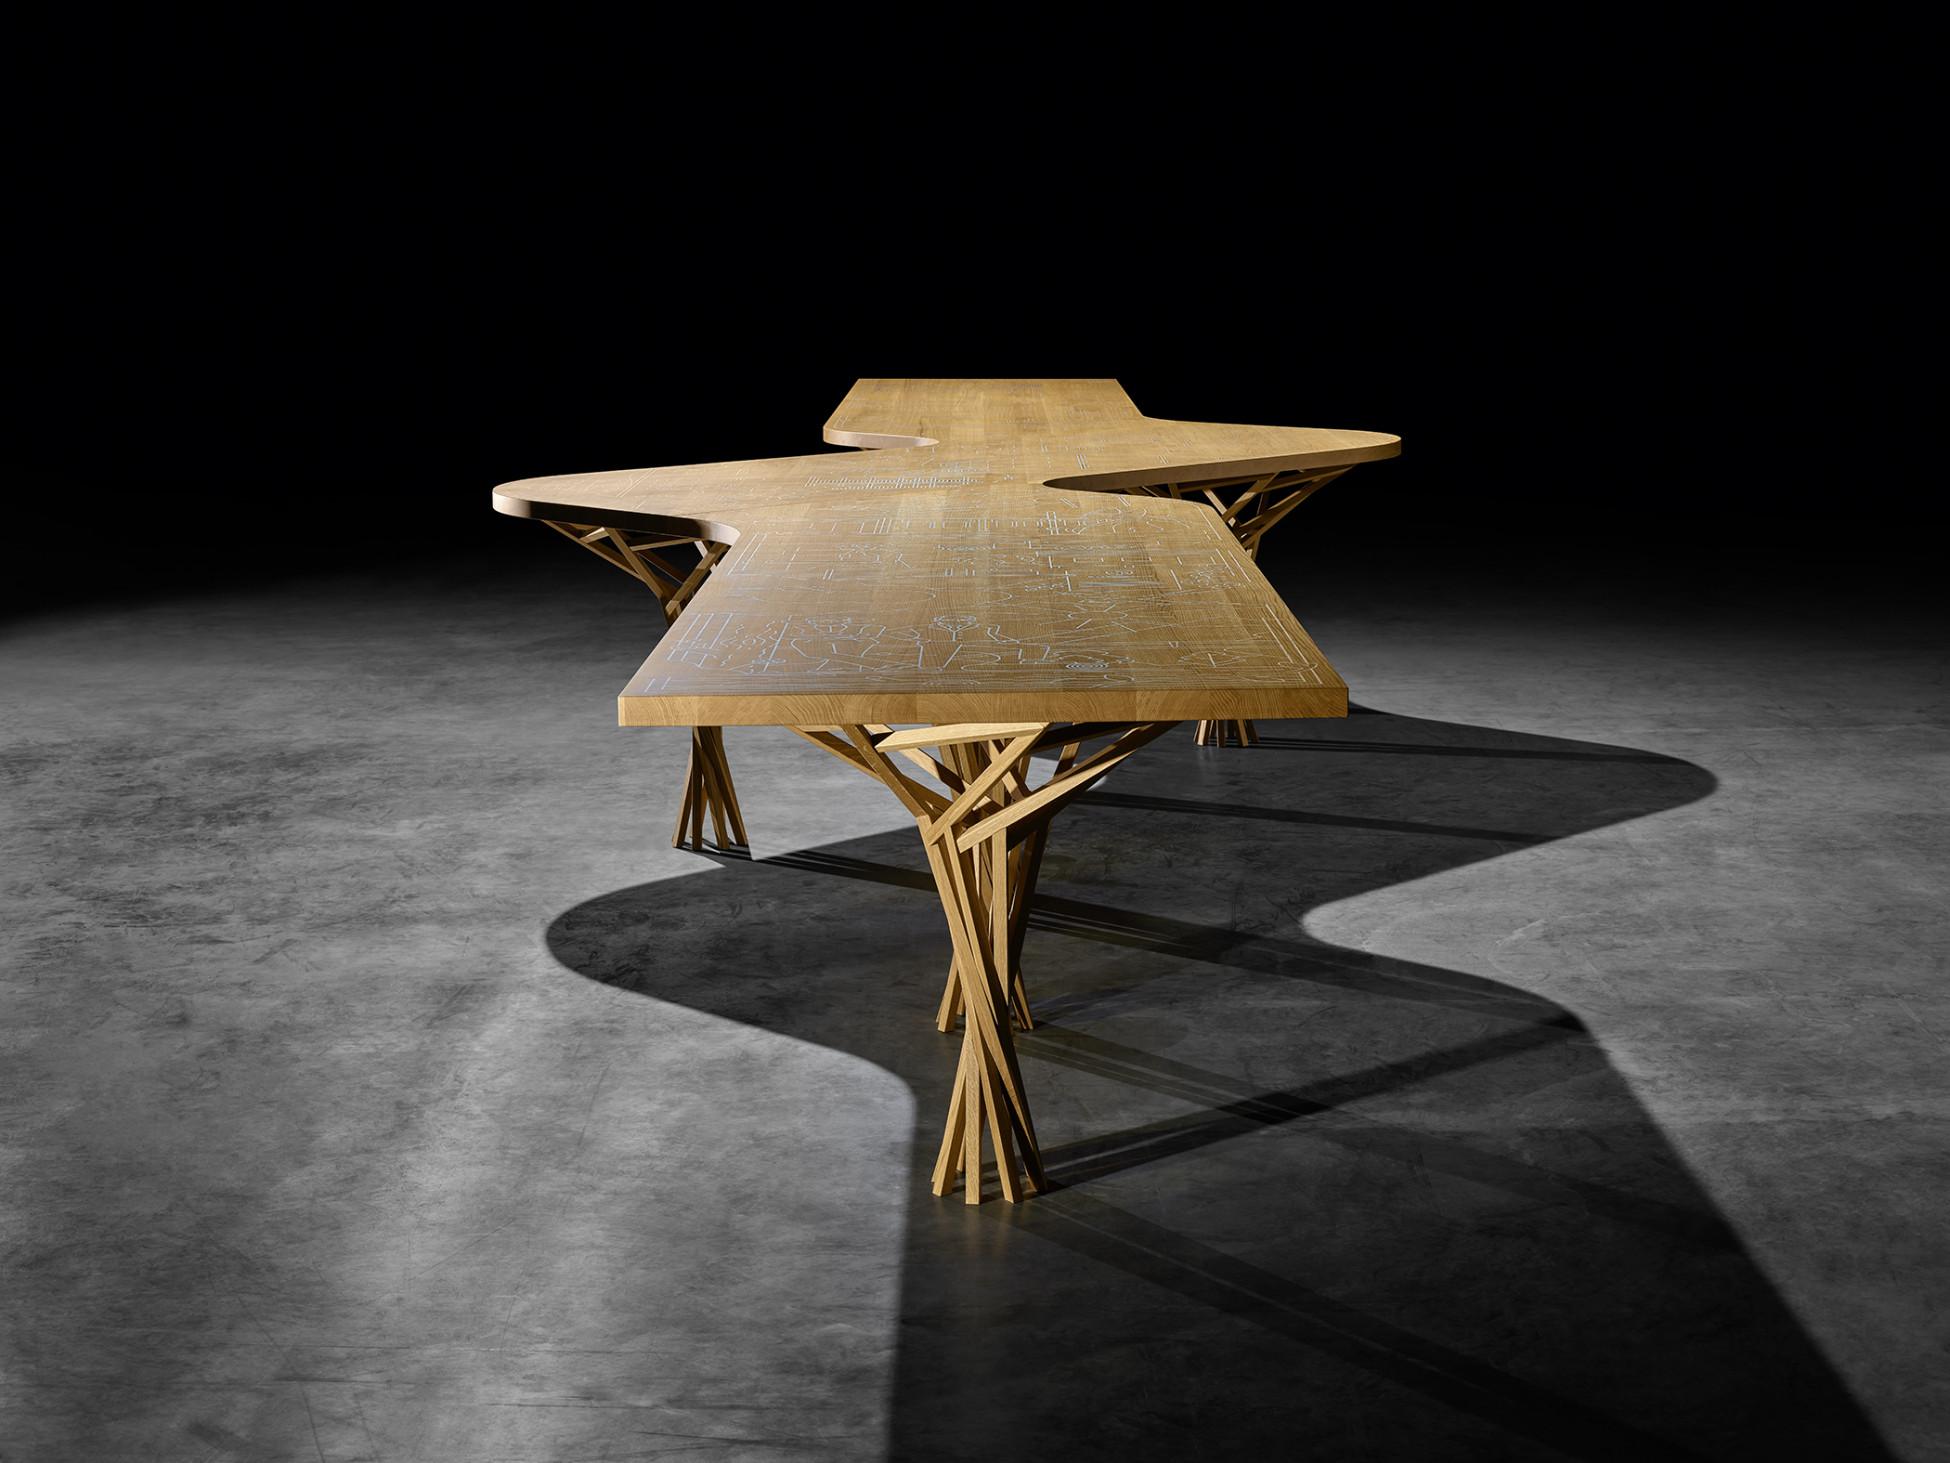 Langer Holztisch mit eingravierter Firmengeschichte und filigranen Holzbeinen parametrisch designet